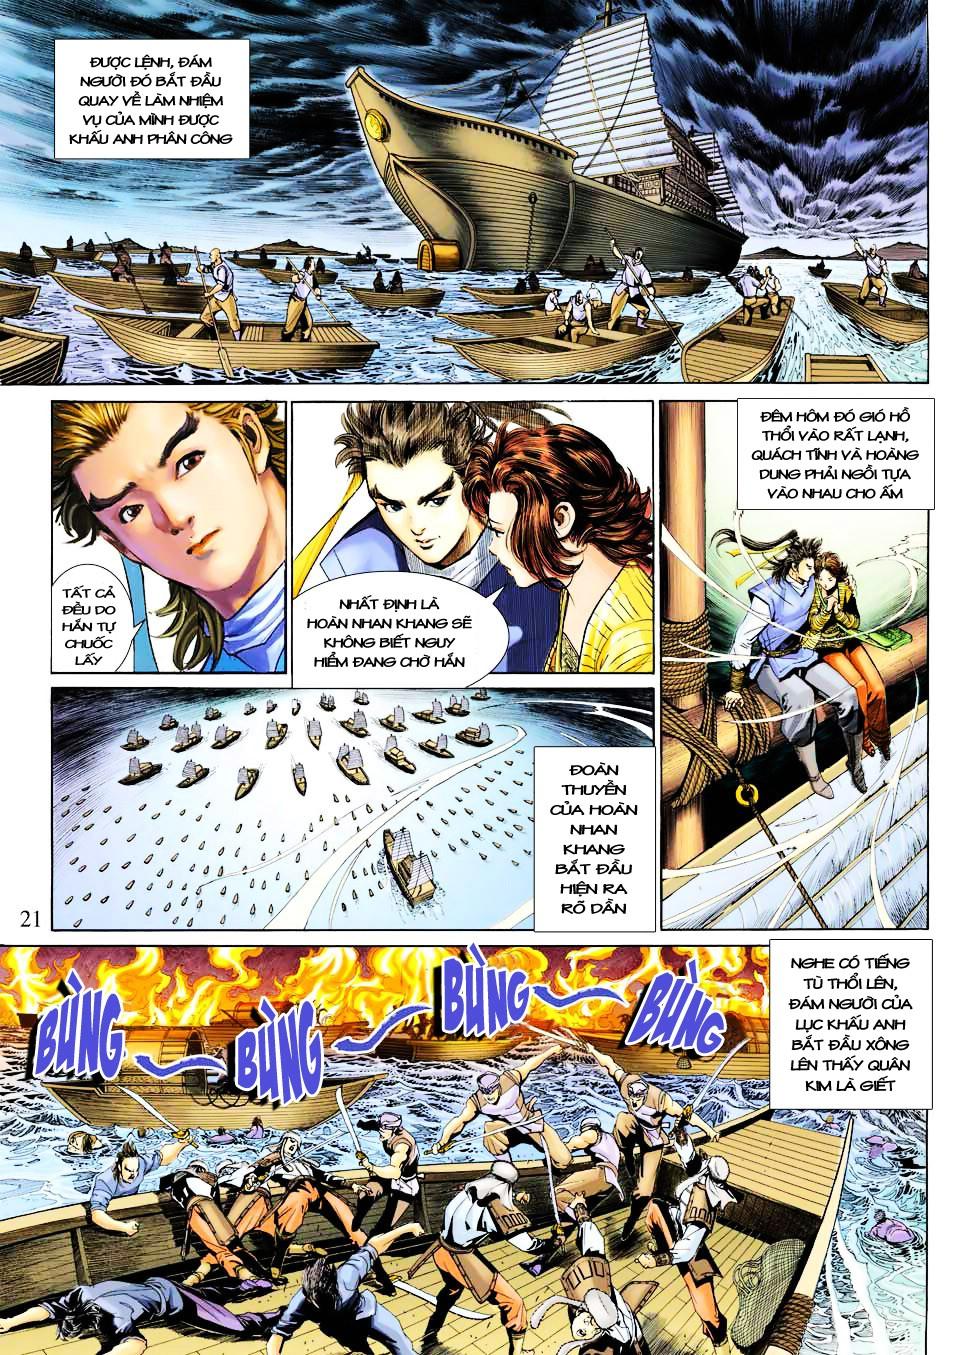 Anh Hùng Xạ Điêu anh hùng xạ đêu chap 27 trang 21